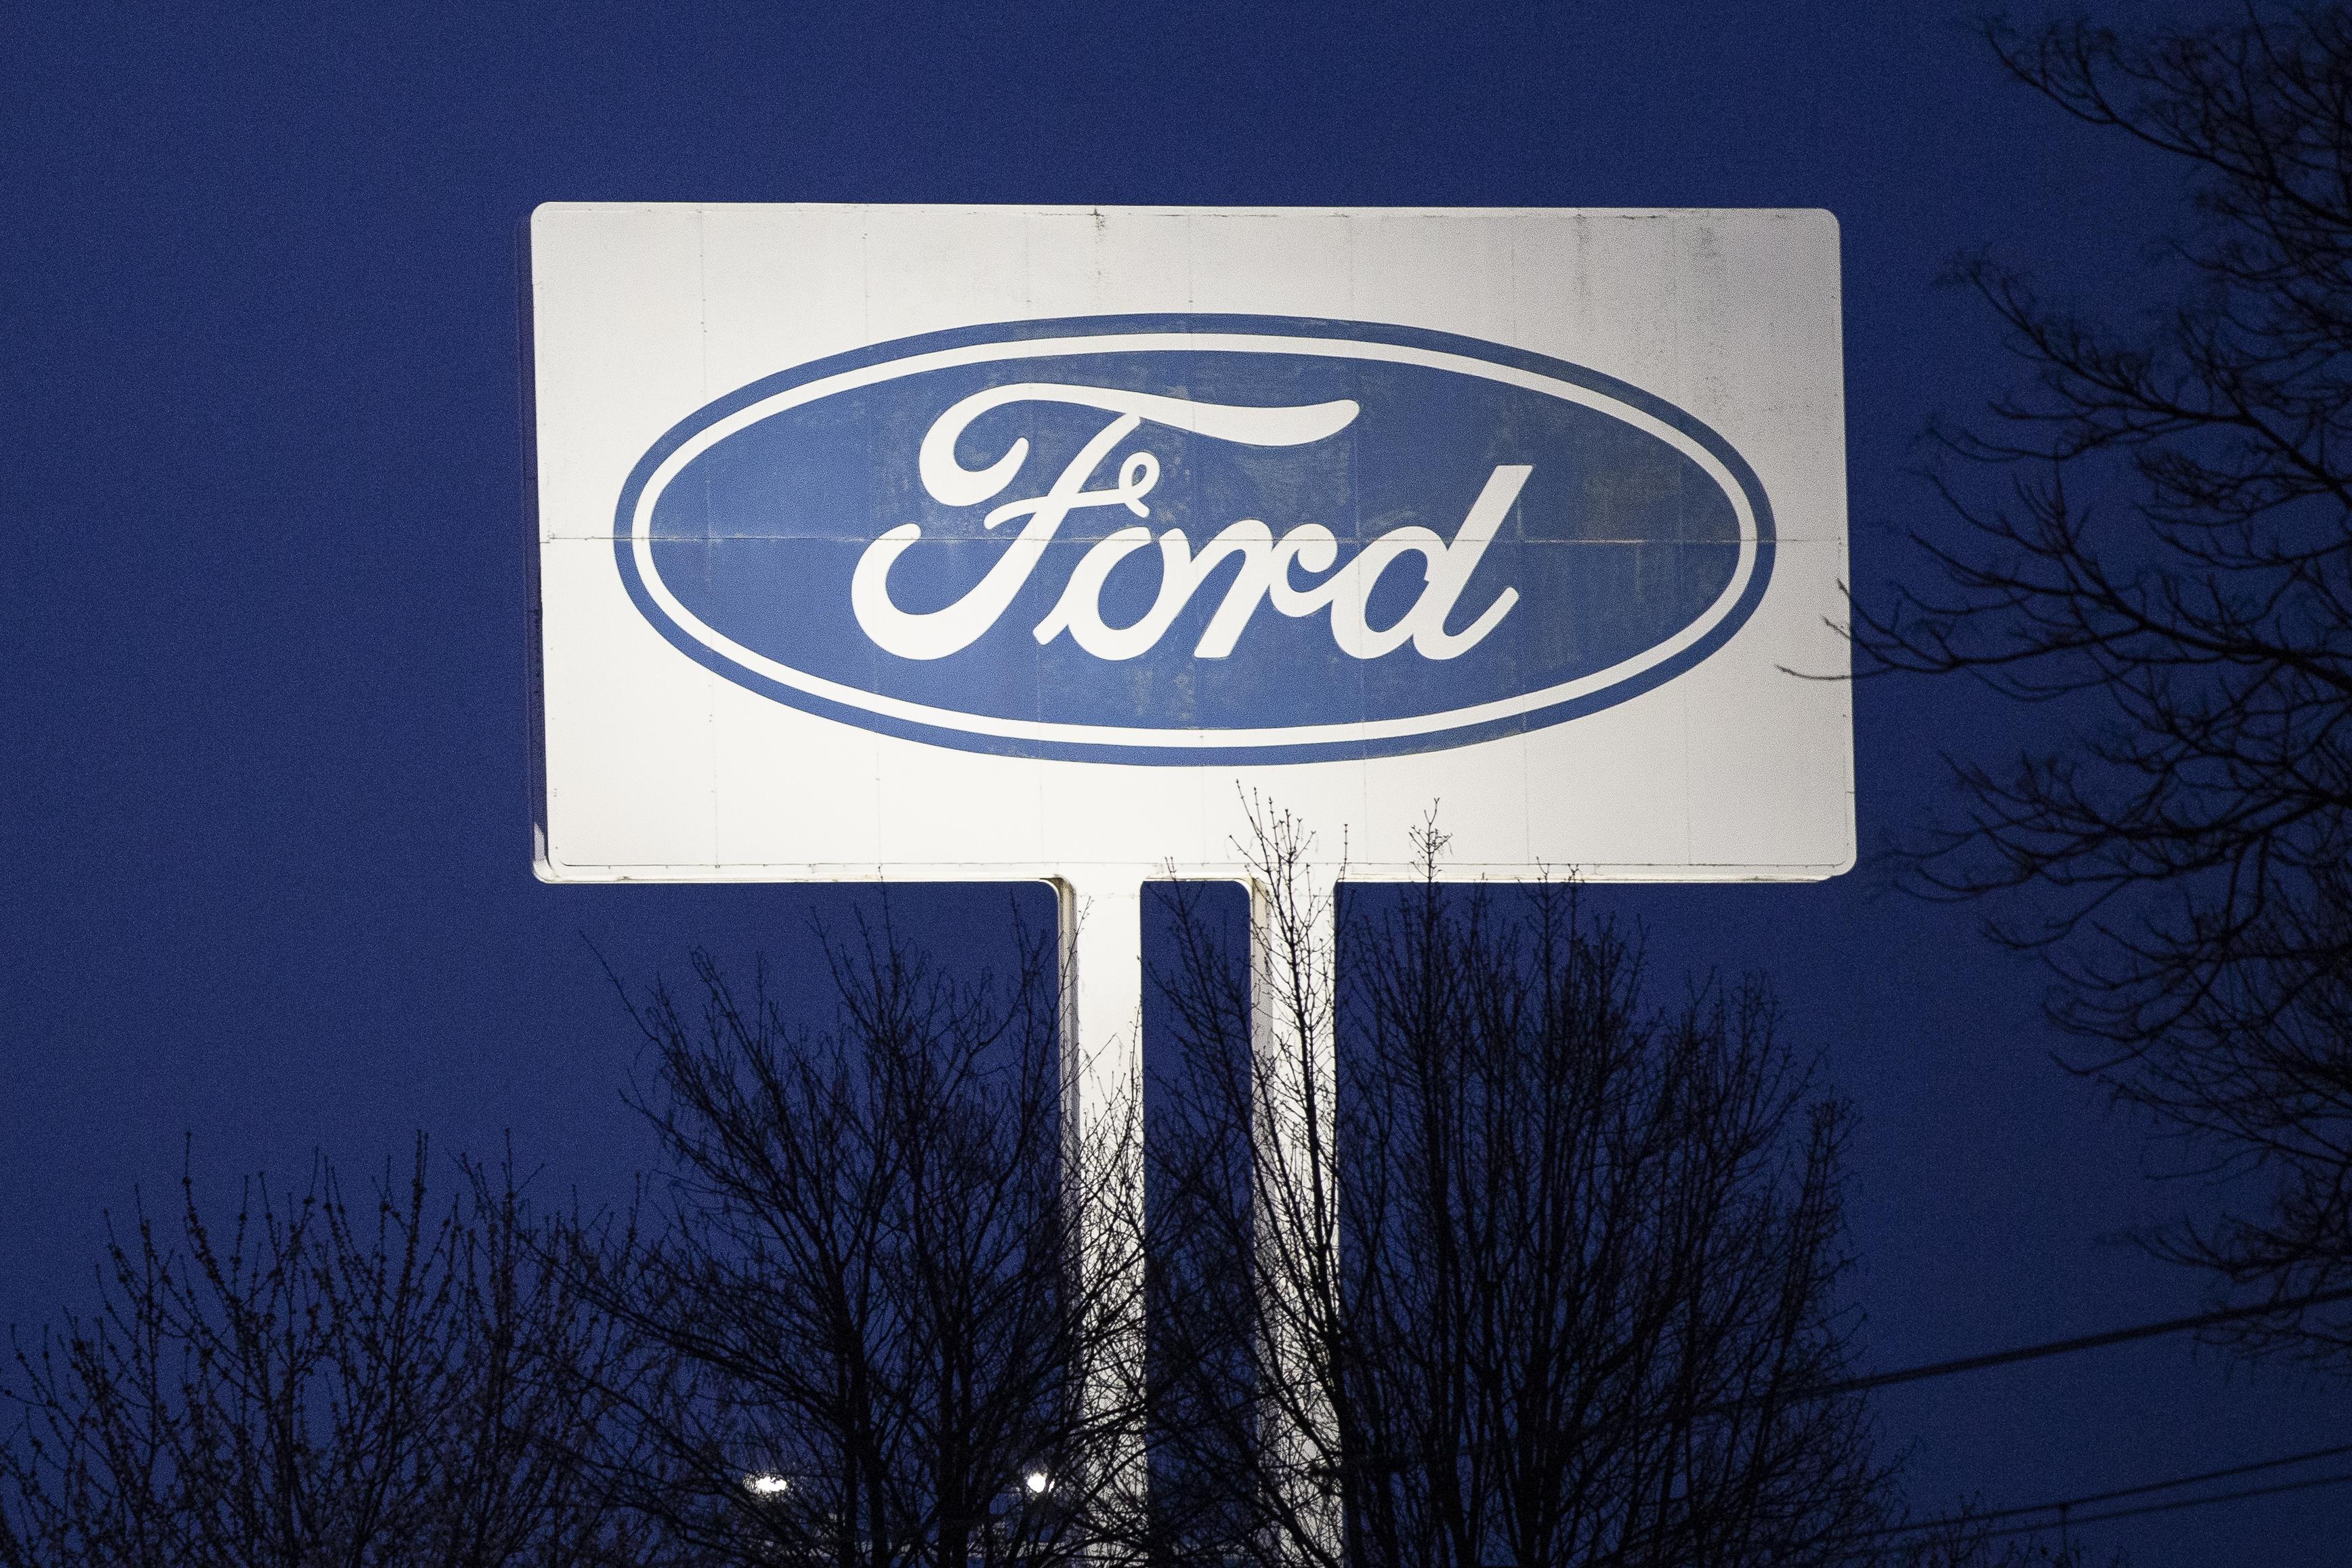 8ec6dccf86d Ford under criminal investigation for emissions testing problems